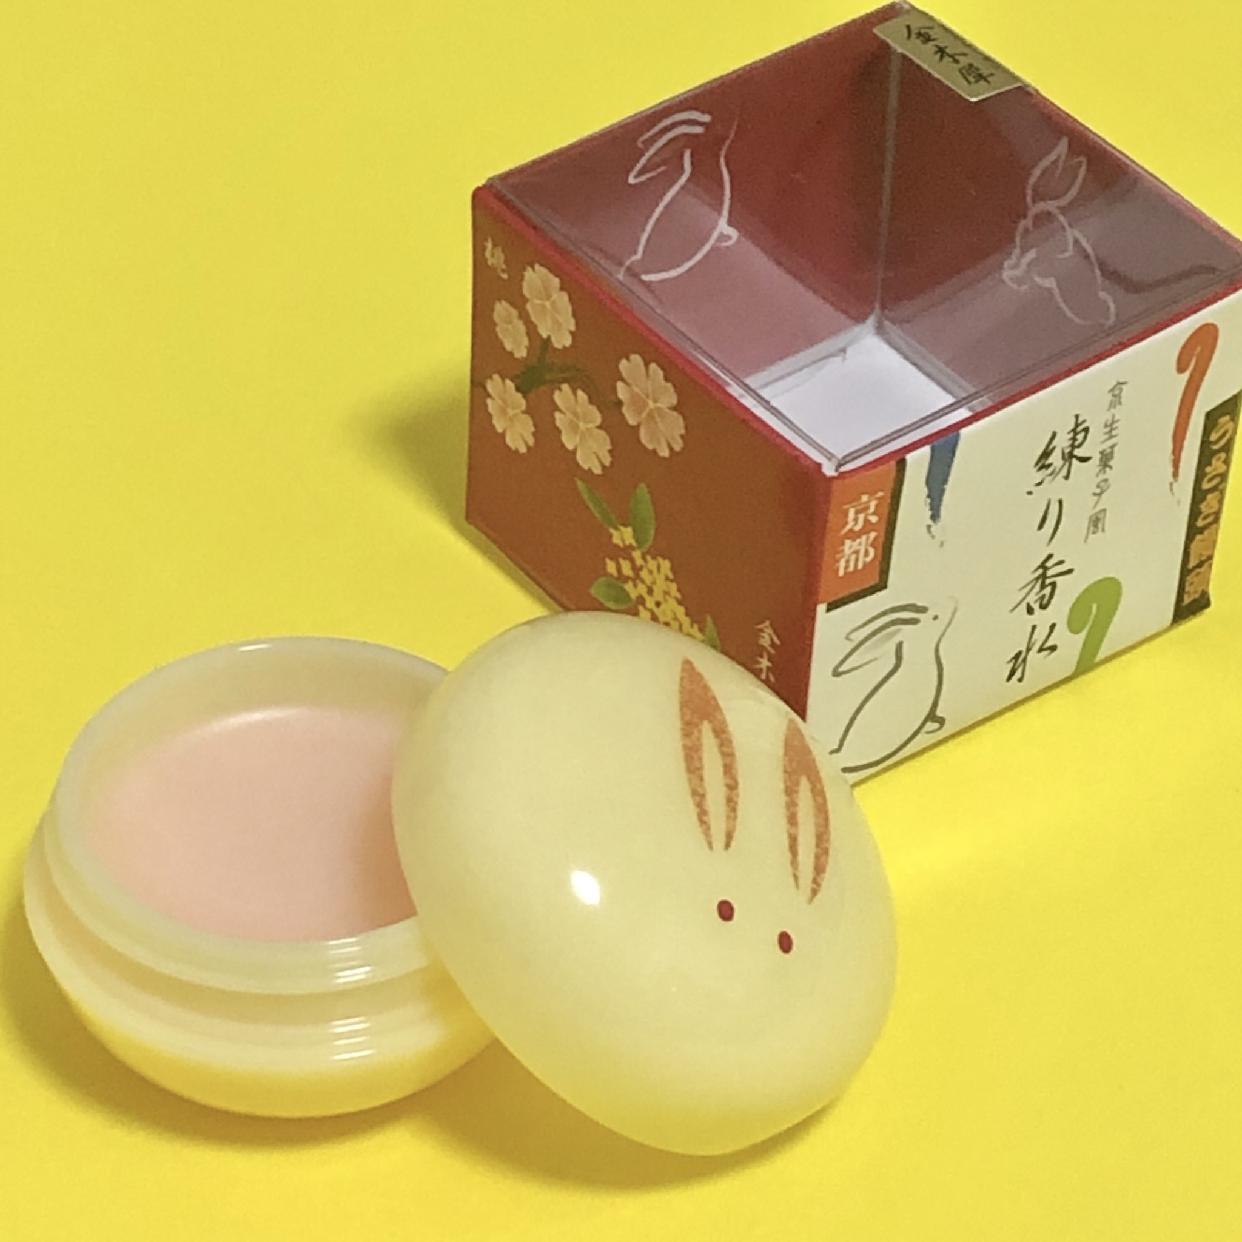 京都コスメ(きょうとこすめ)舞妓さん 練り香水 うさぎ饅頭を使った gaho《がほ》さんの口コミ画像1